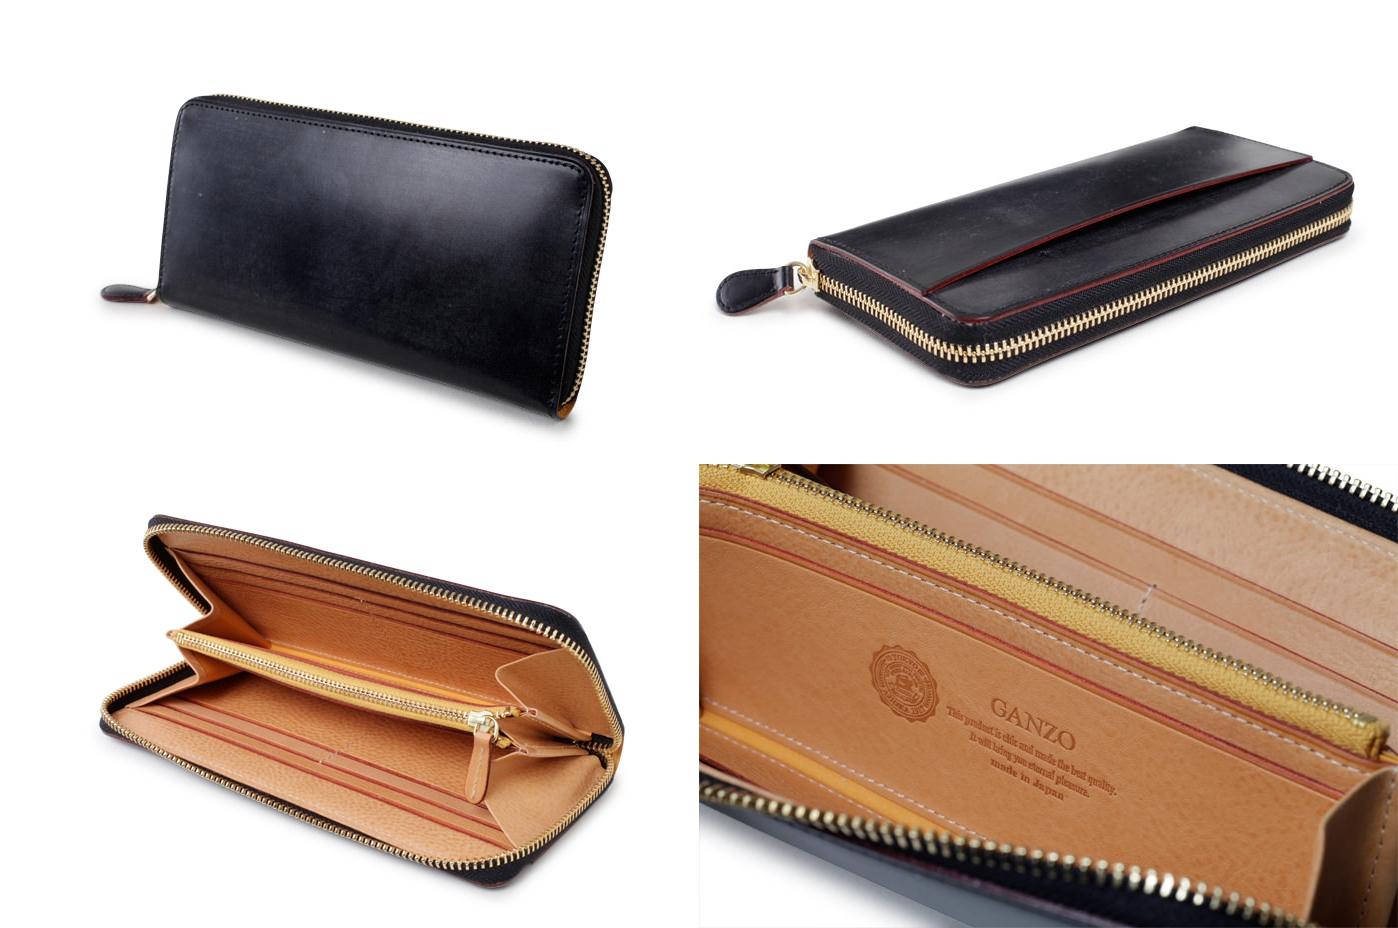 GANZO ガンゾ THIN BRIDLE(シンブライドル) ラウンドファスナー長財布 デザイン